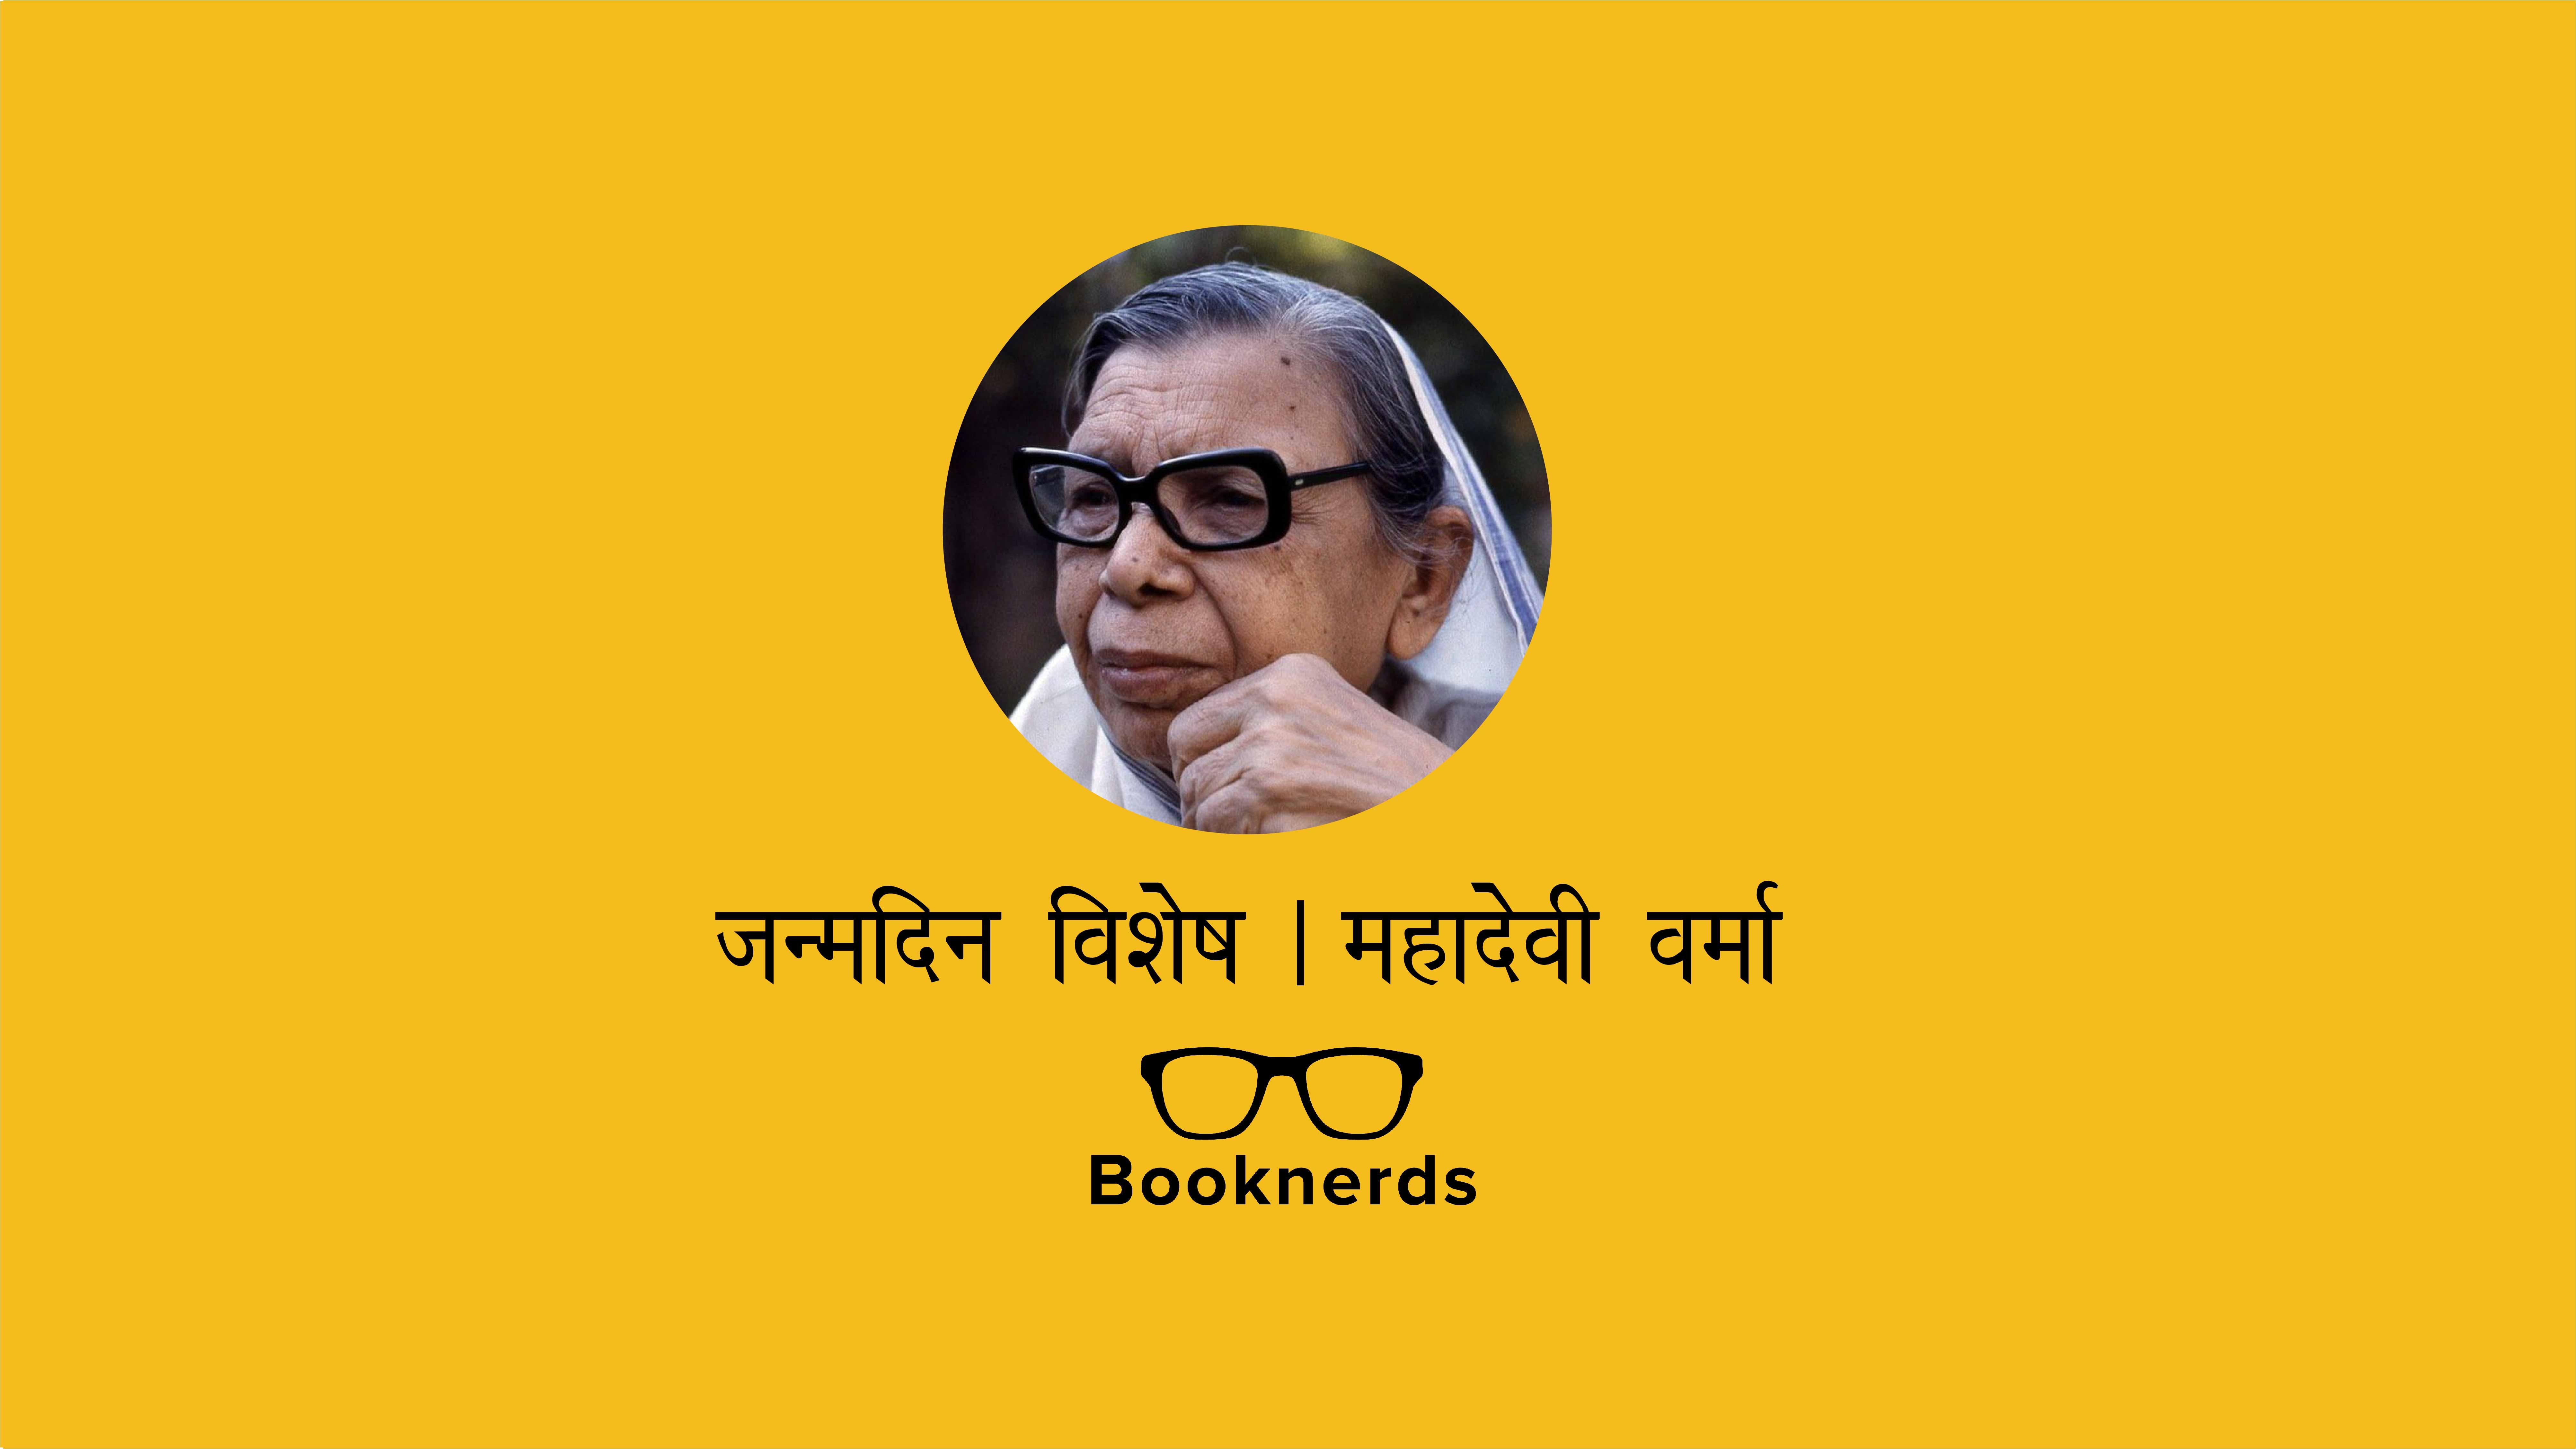 जन्मदिन विशेष।  महादेवी वर्मा